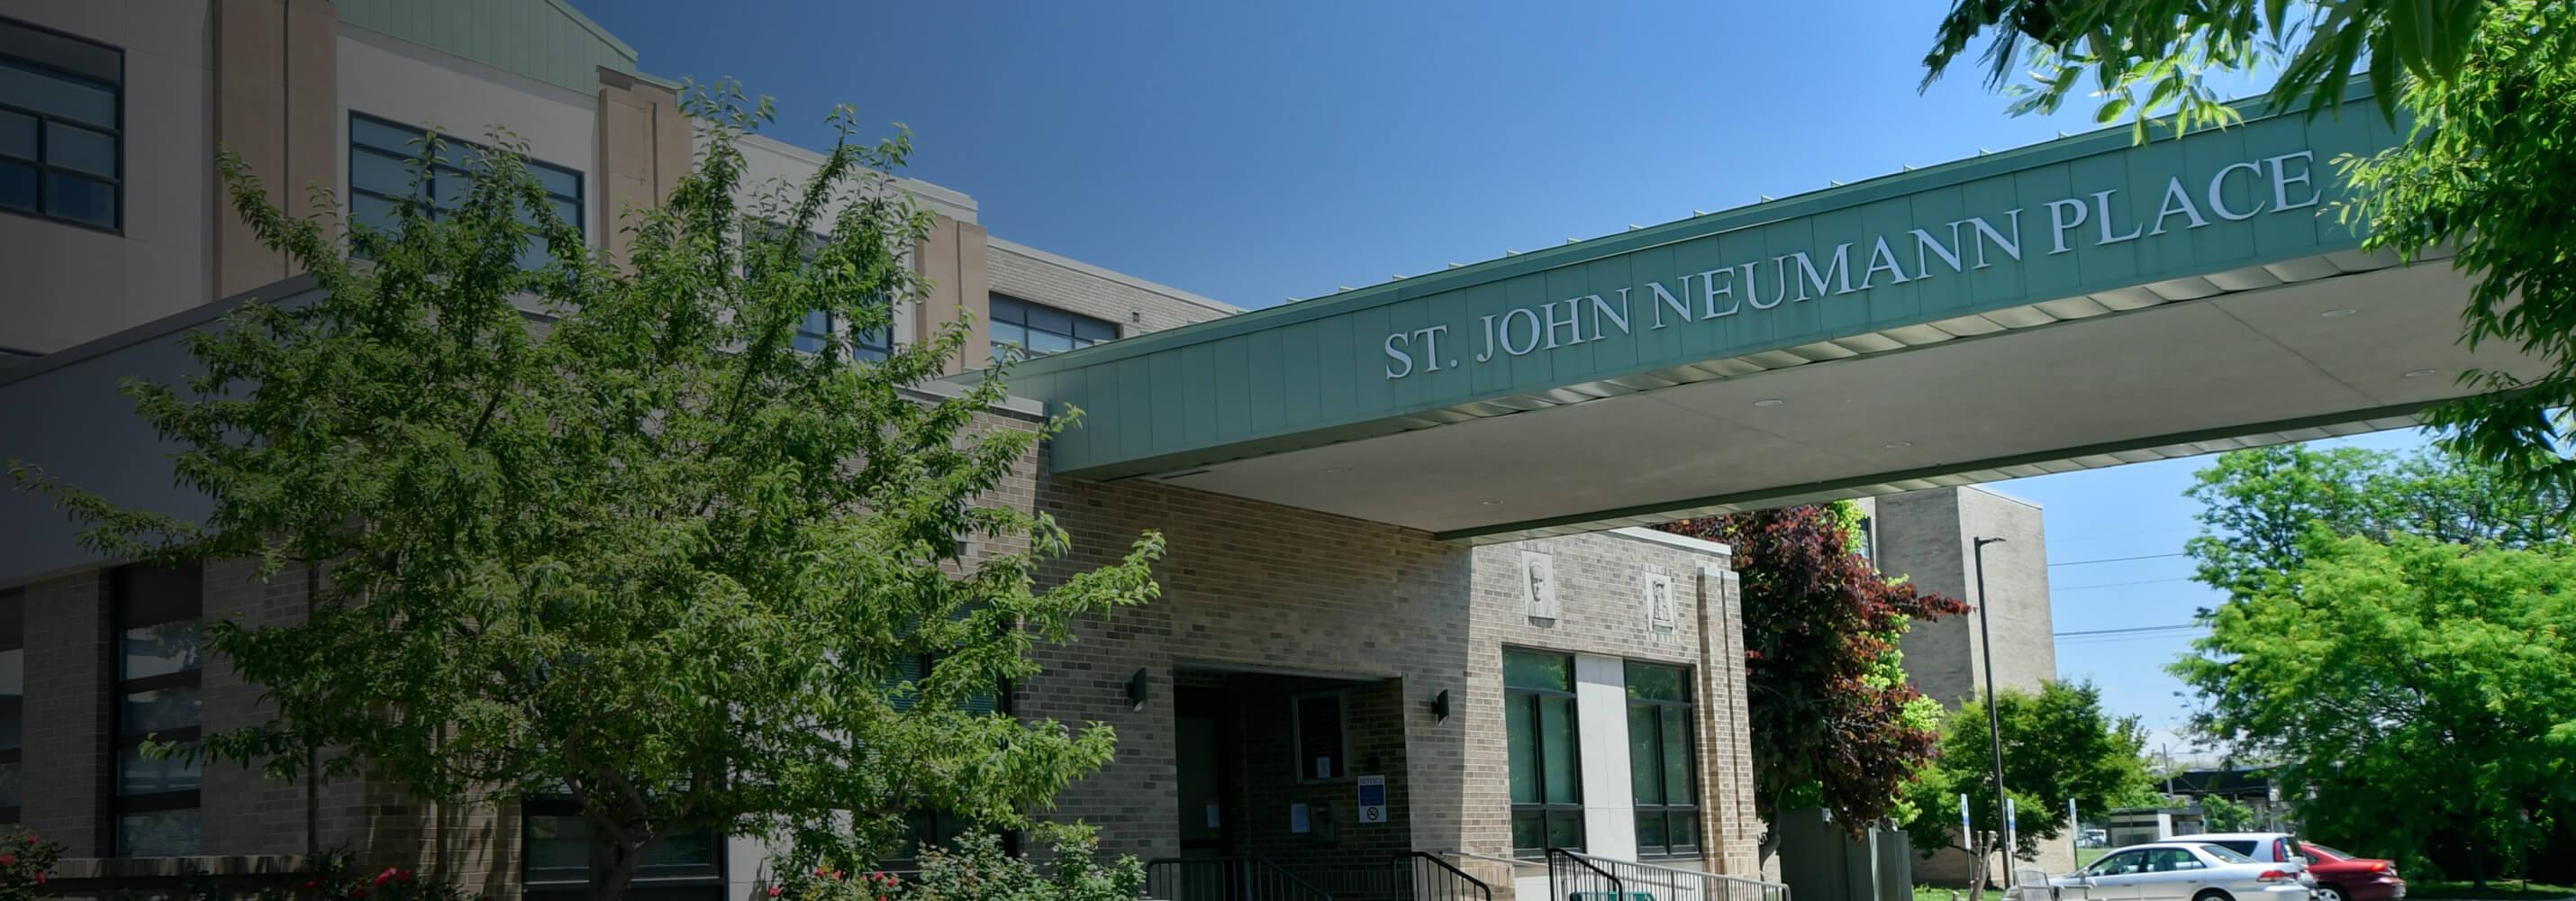 St John Neumann Place